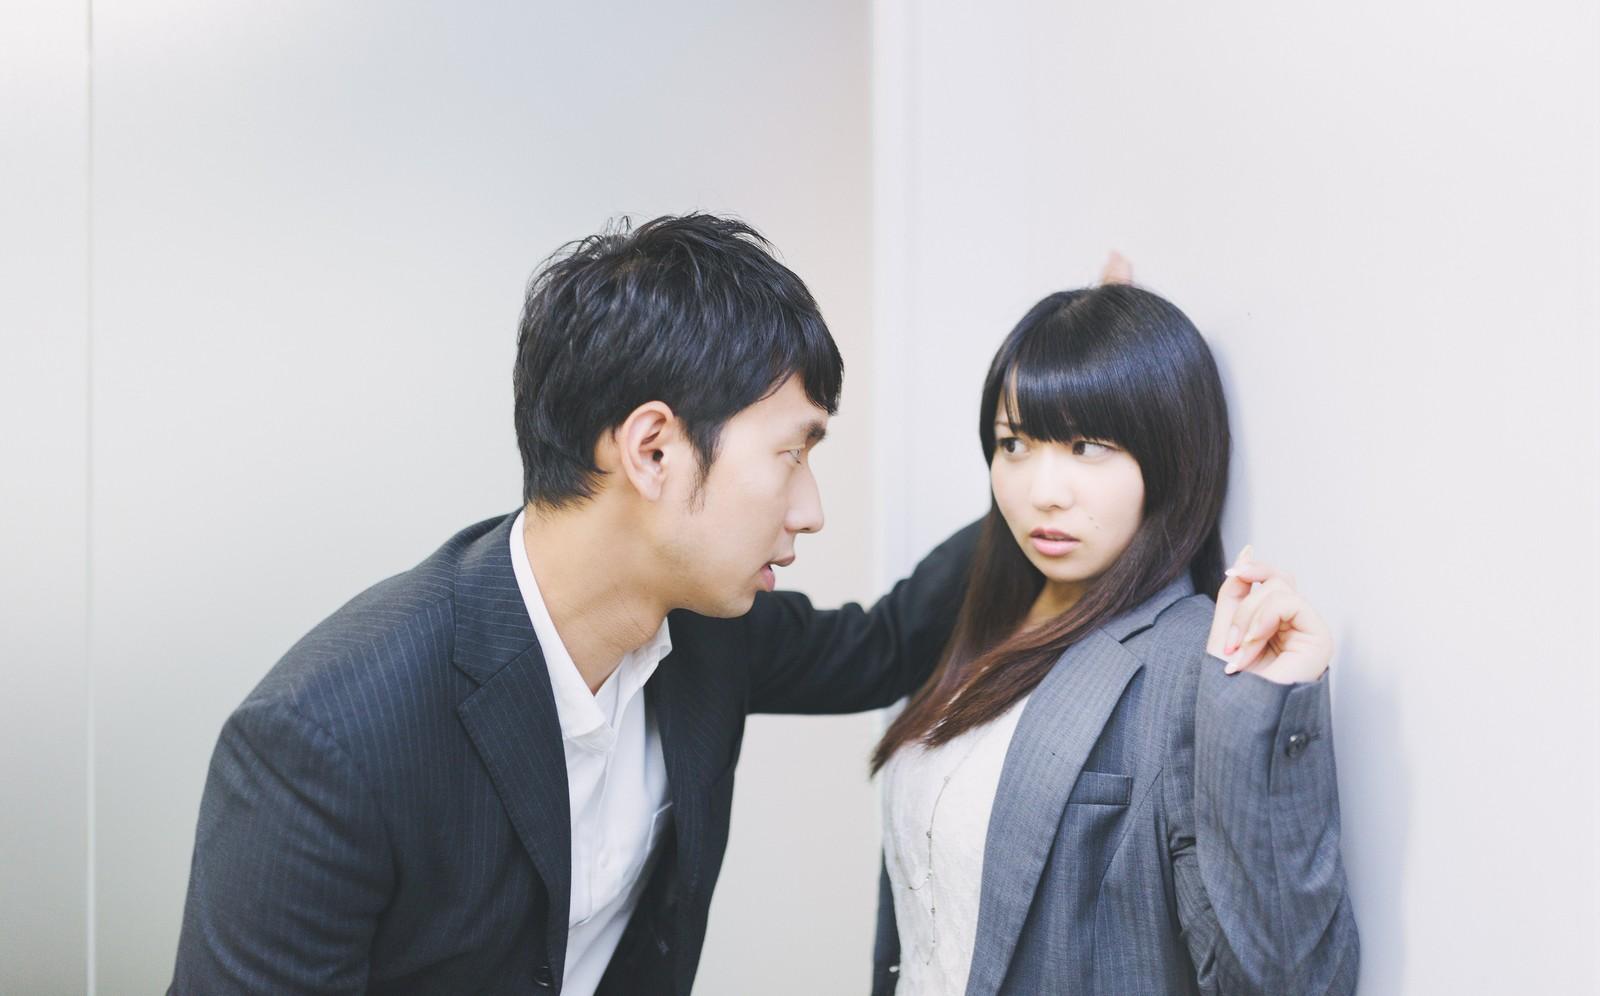 キスする場所には意味が有る!キスする場所で男性の深層心理が分かるって知ってた?